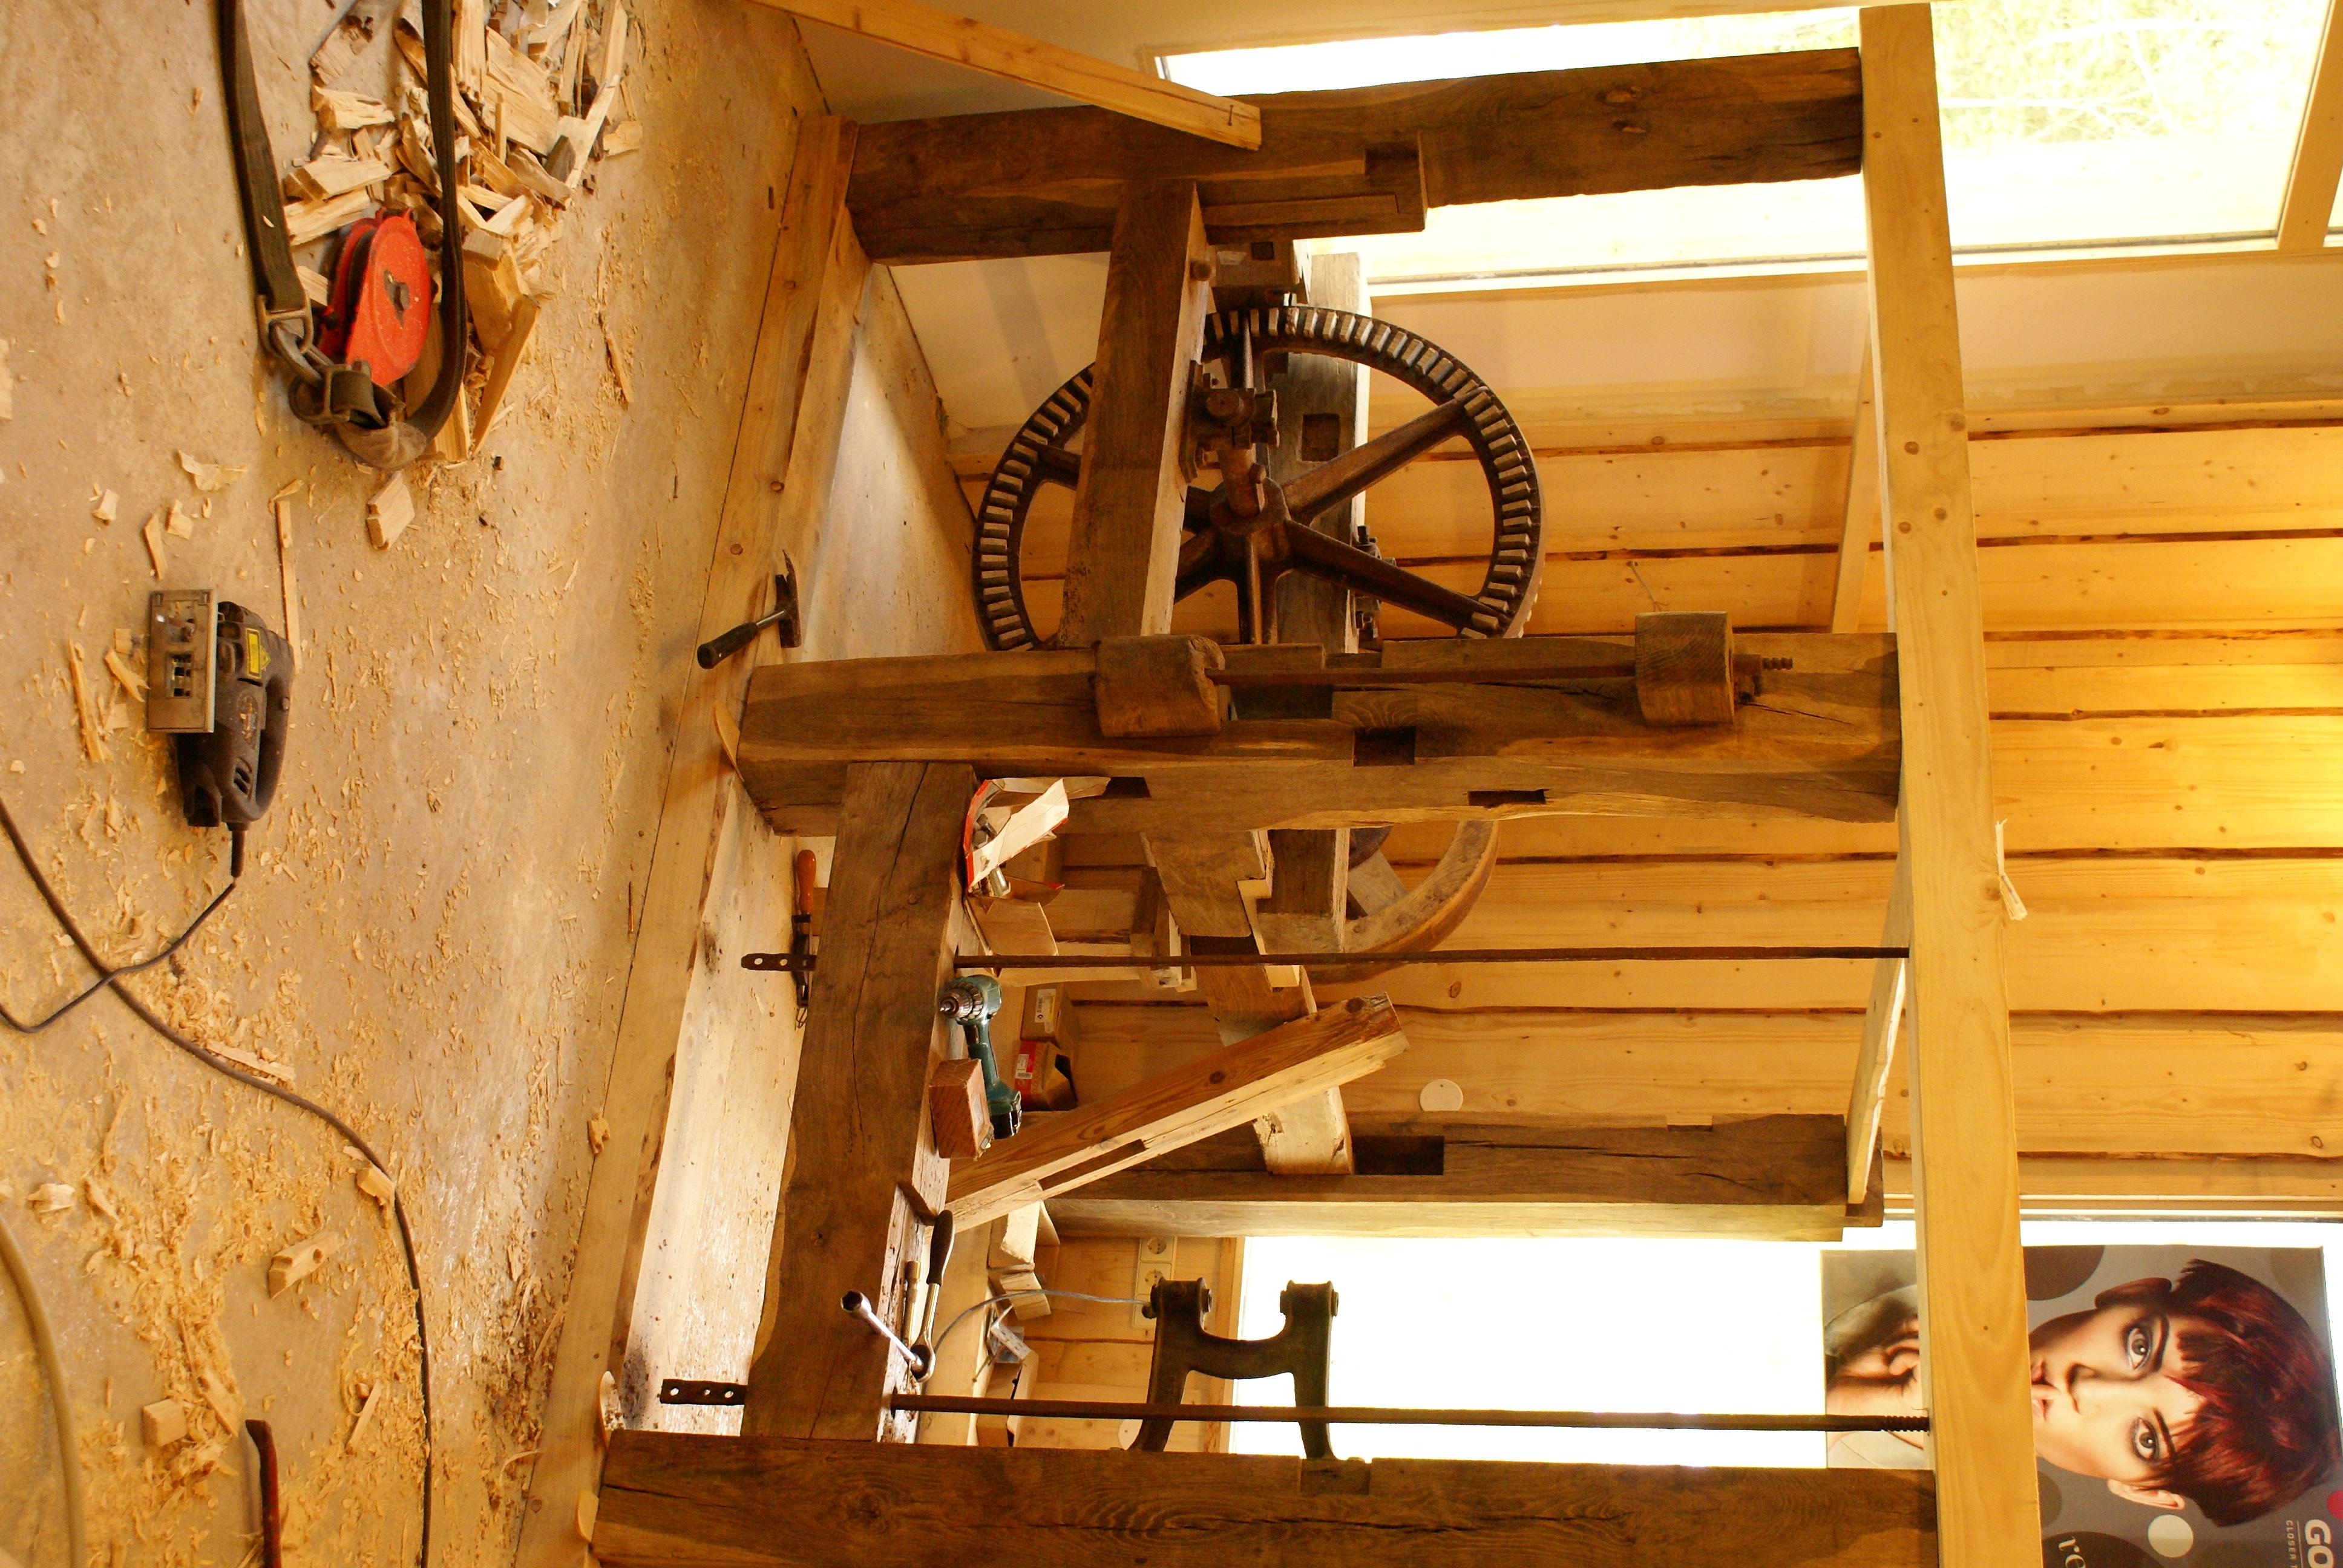 der Mühlenbau schreitet voiran